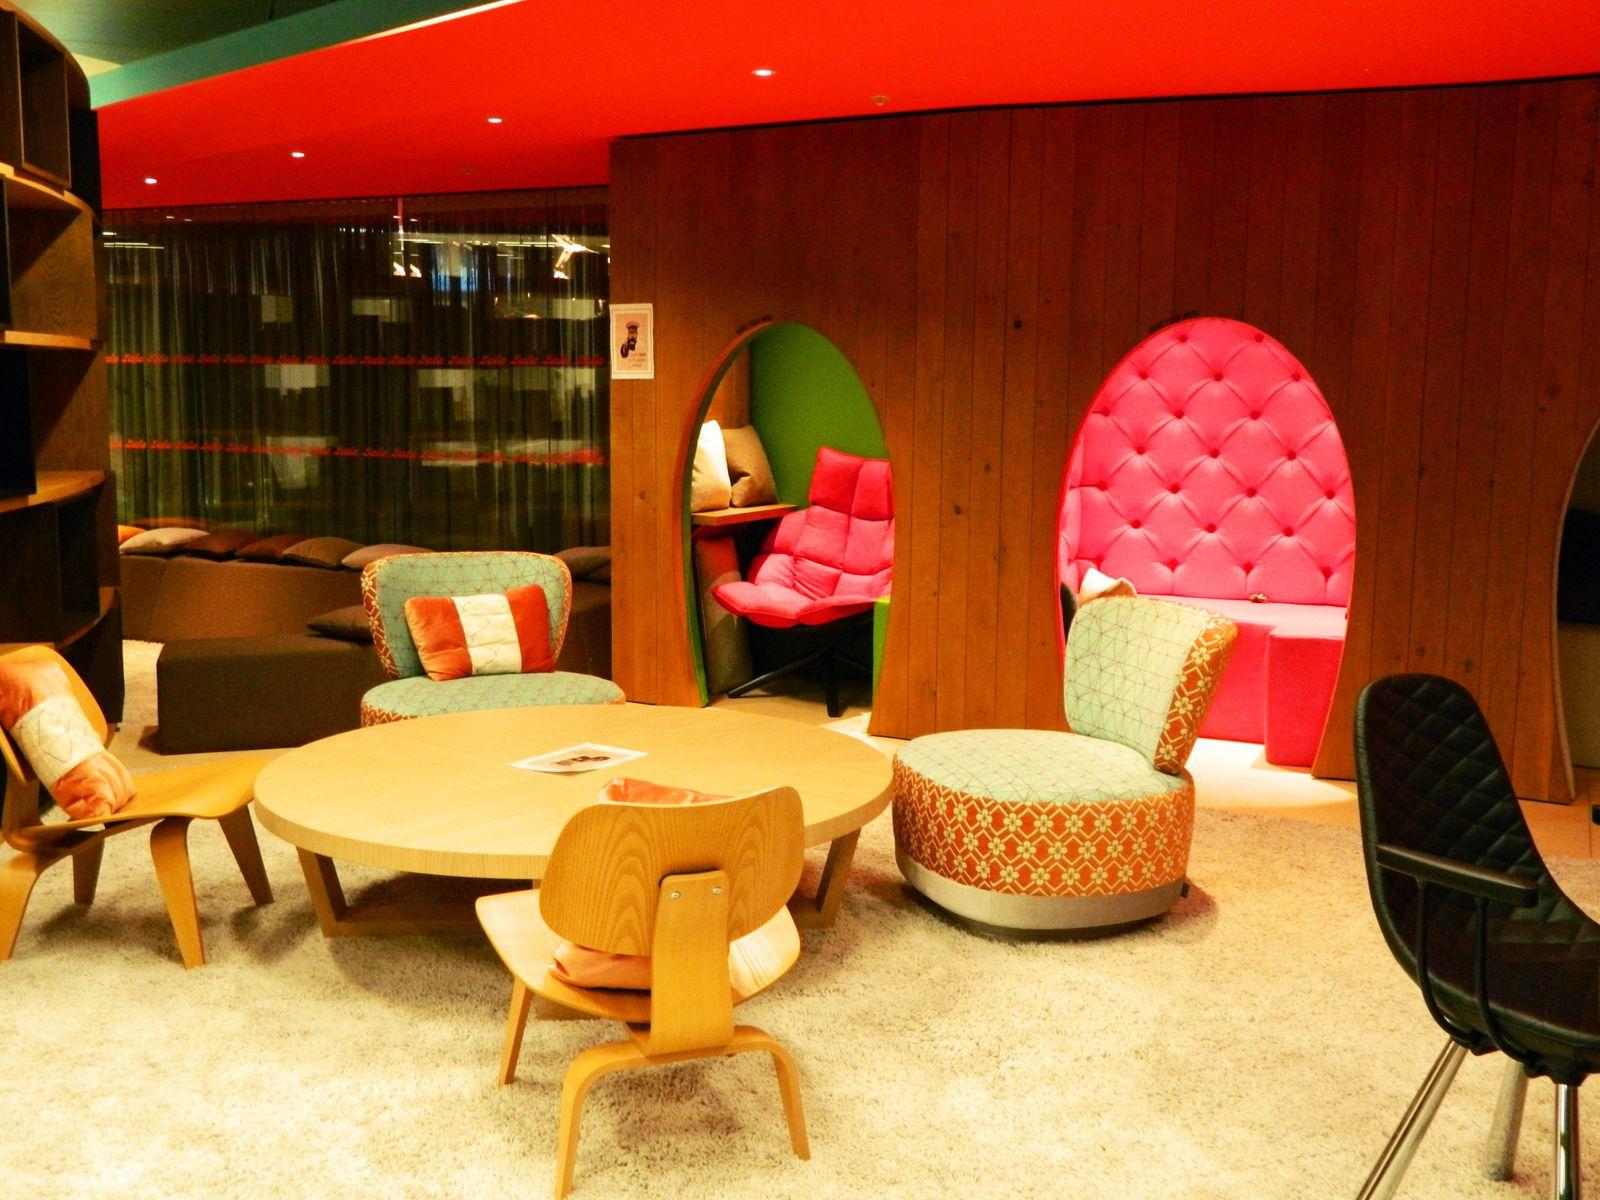 Les bureaux Google De Londres. Part. 2: Tottenham Court Road